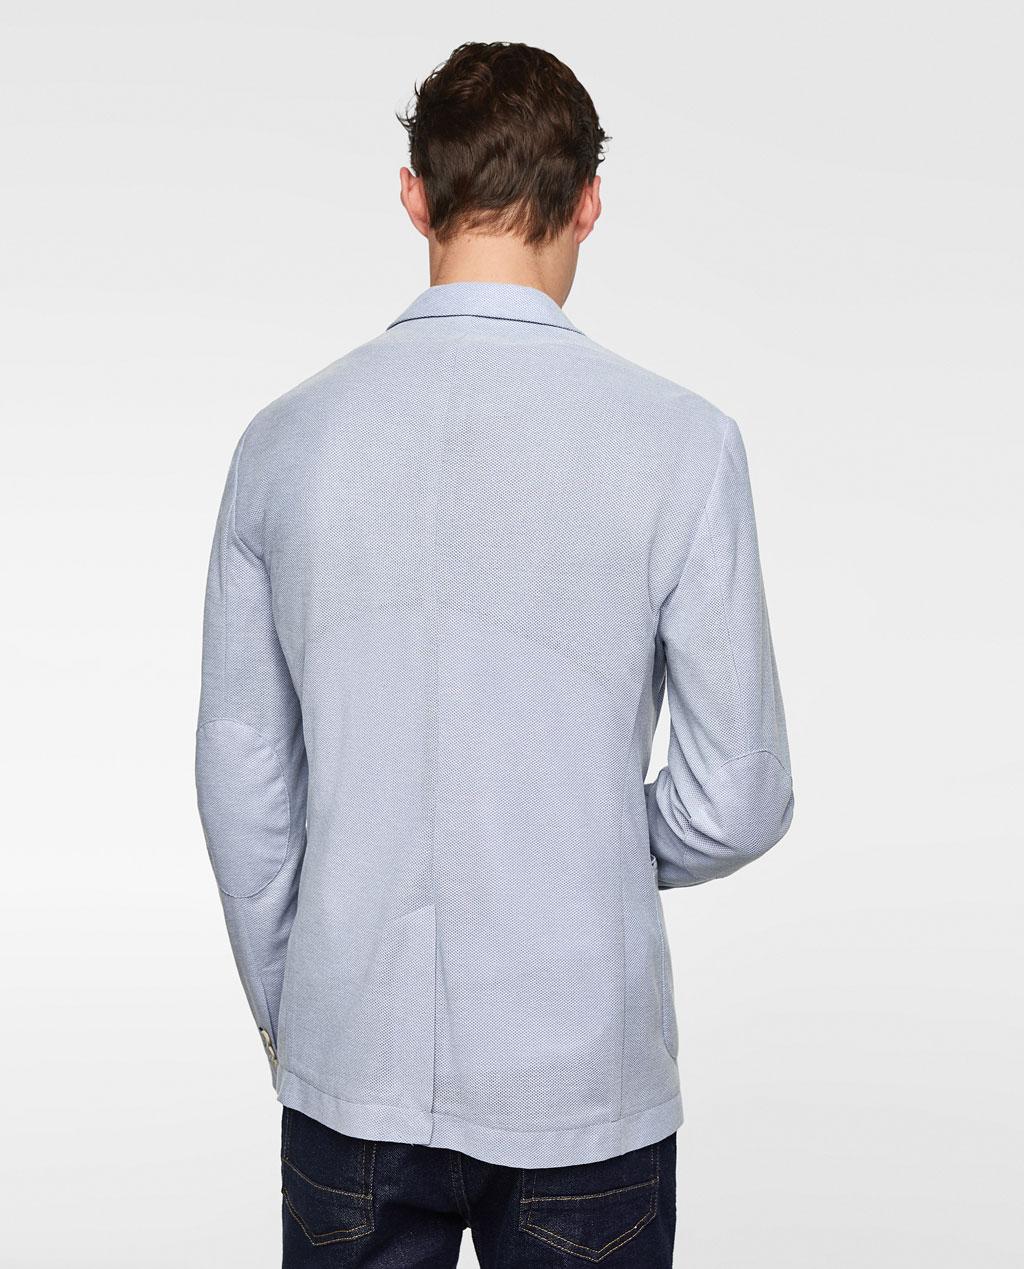 Thời trang nam Zara  23876 - ảnh 5